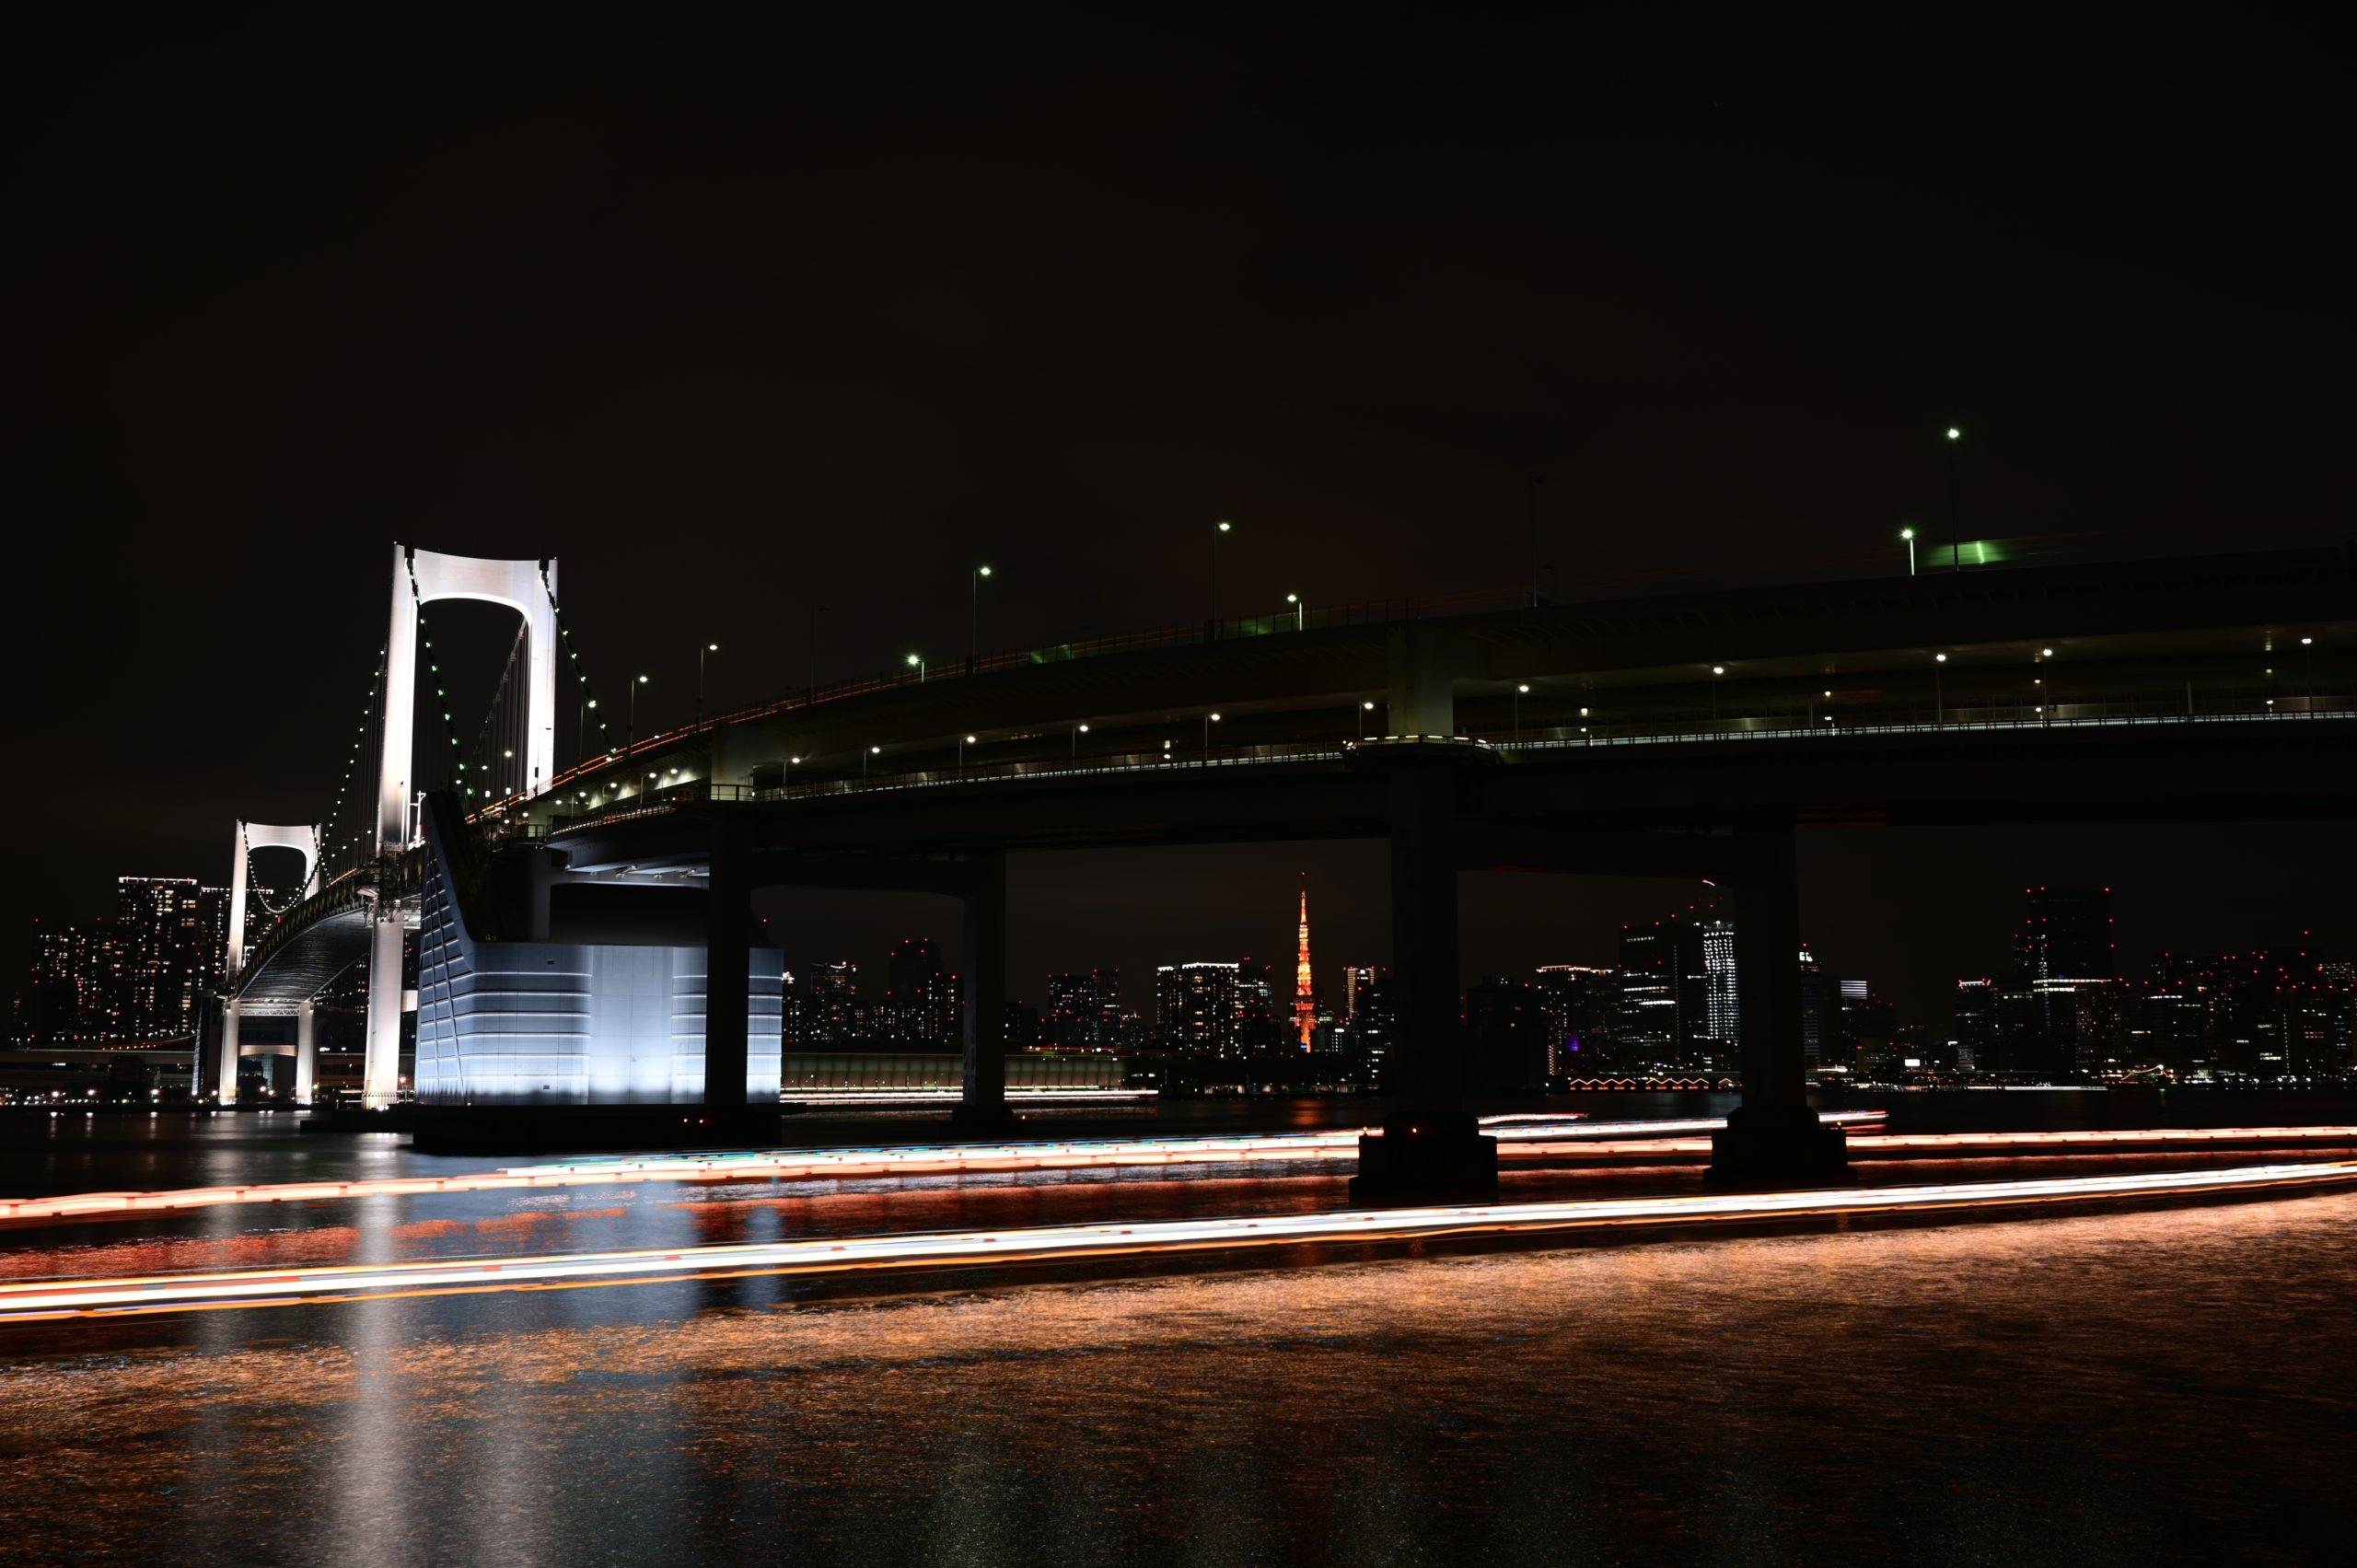 レインボーブリッジと屋形船の光跡